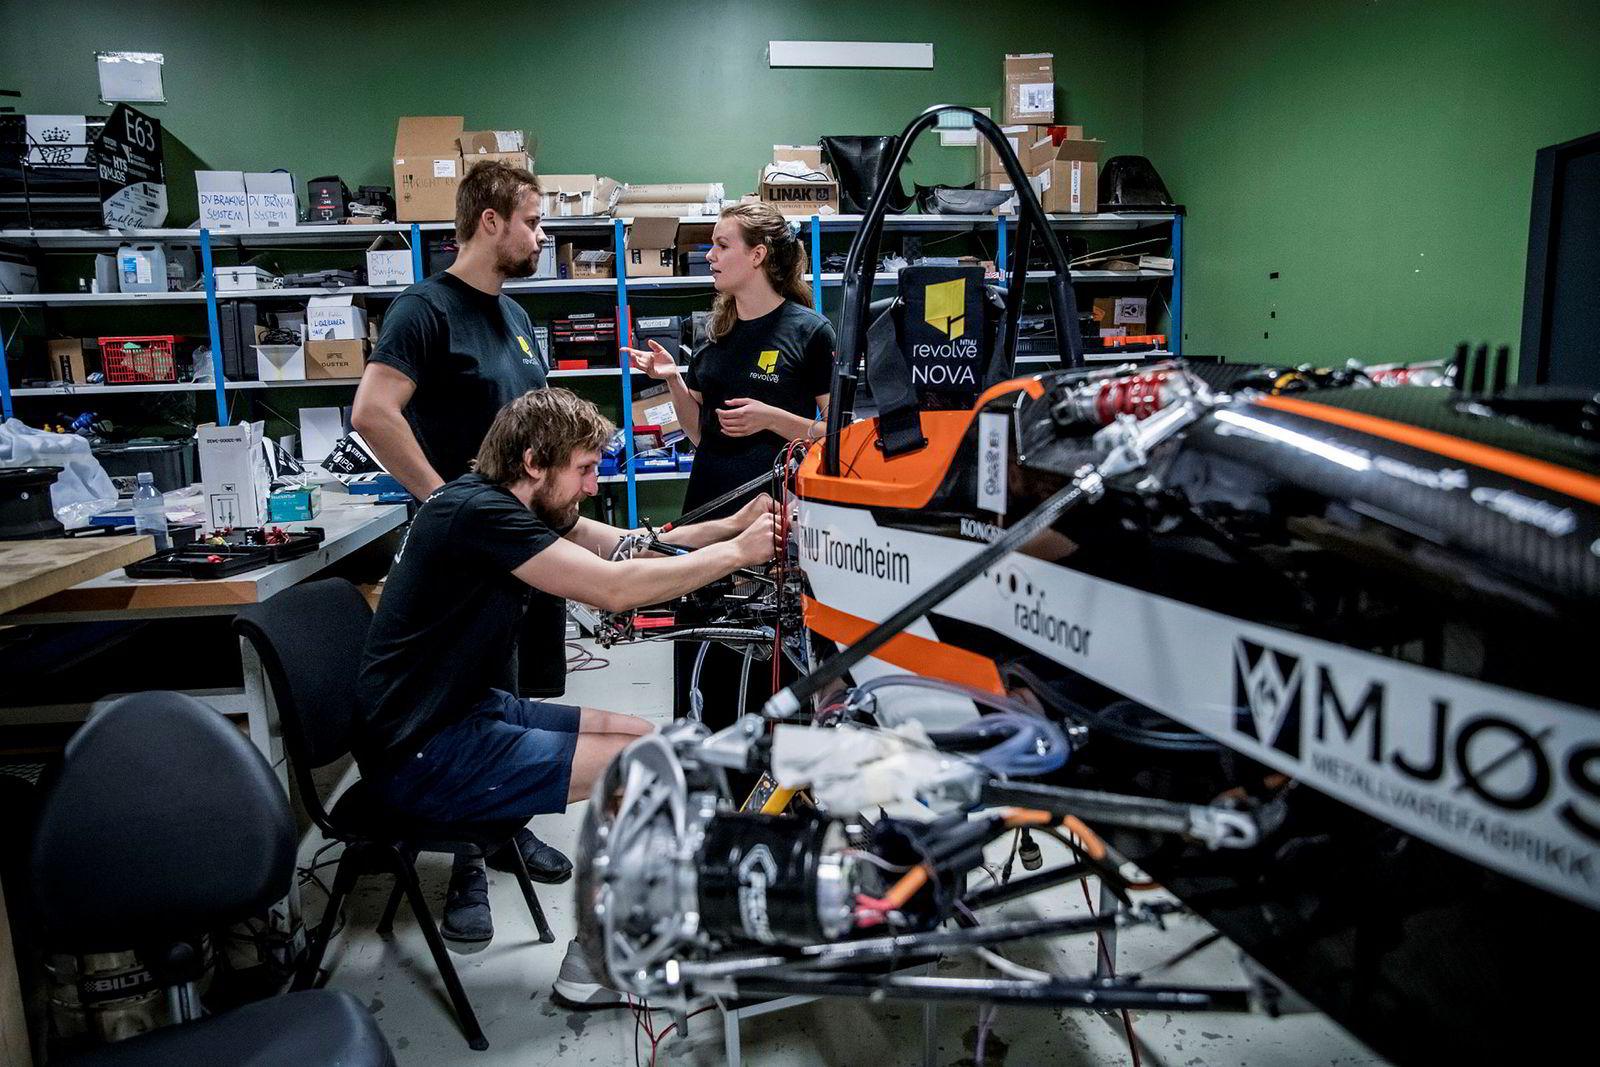 Om noen uker skal bilene ut i Europa og konkurrere – da er det aktivitet på verkstedet til alle døgnets tider for å få bilene klare. Karoline Halvorsen diskuterer en mulig testkjøring i dag med Christian Trandem (foran) og Eirik Bodsberg.